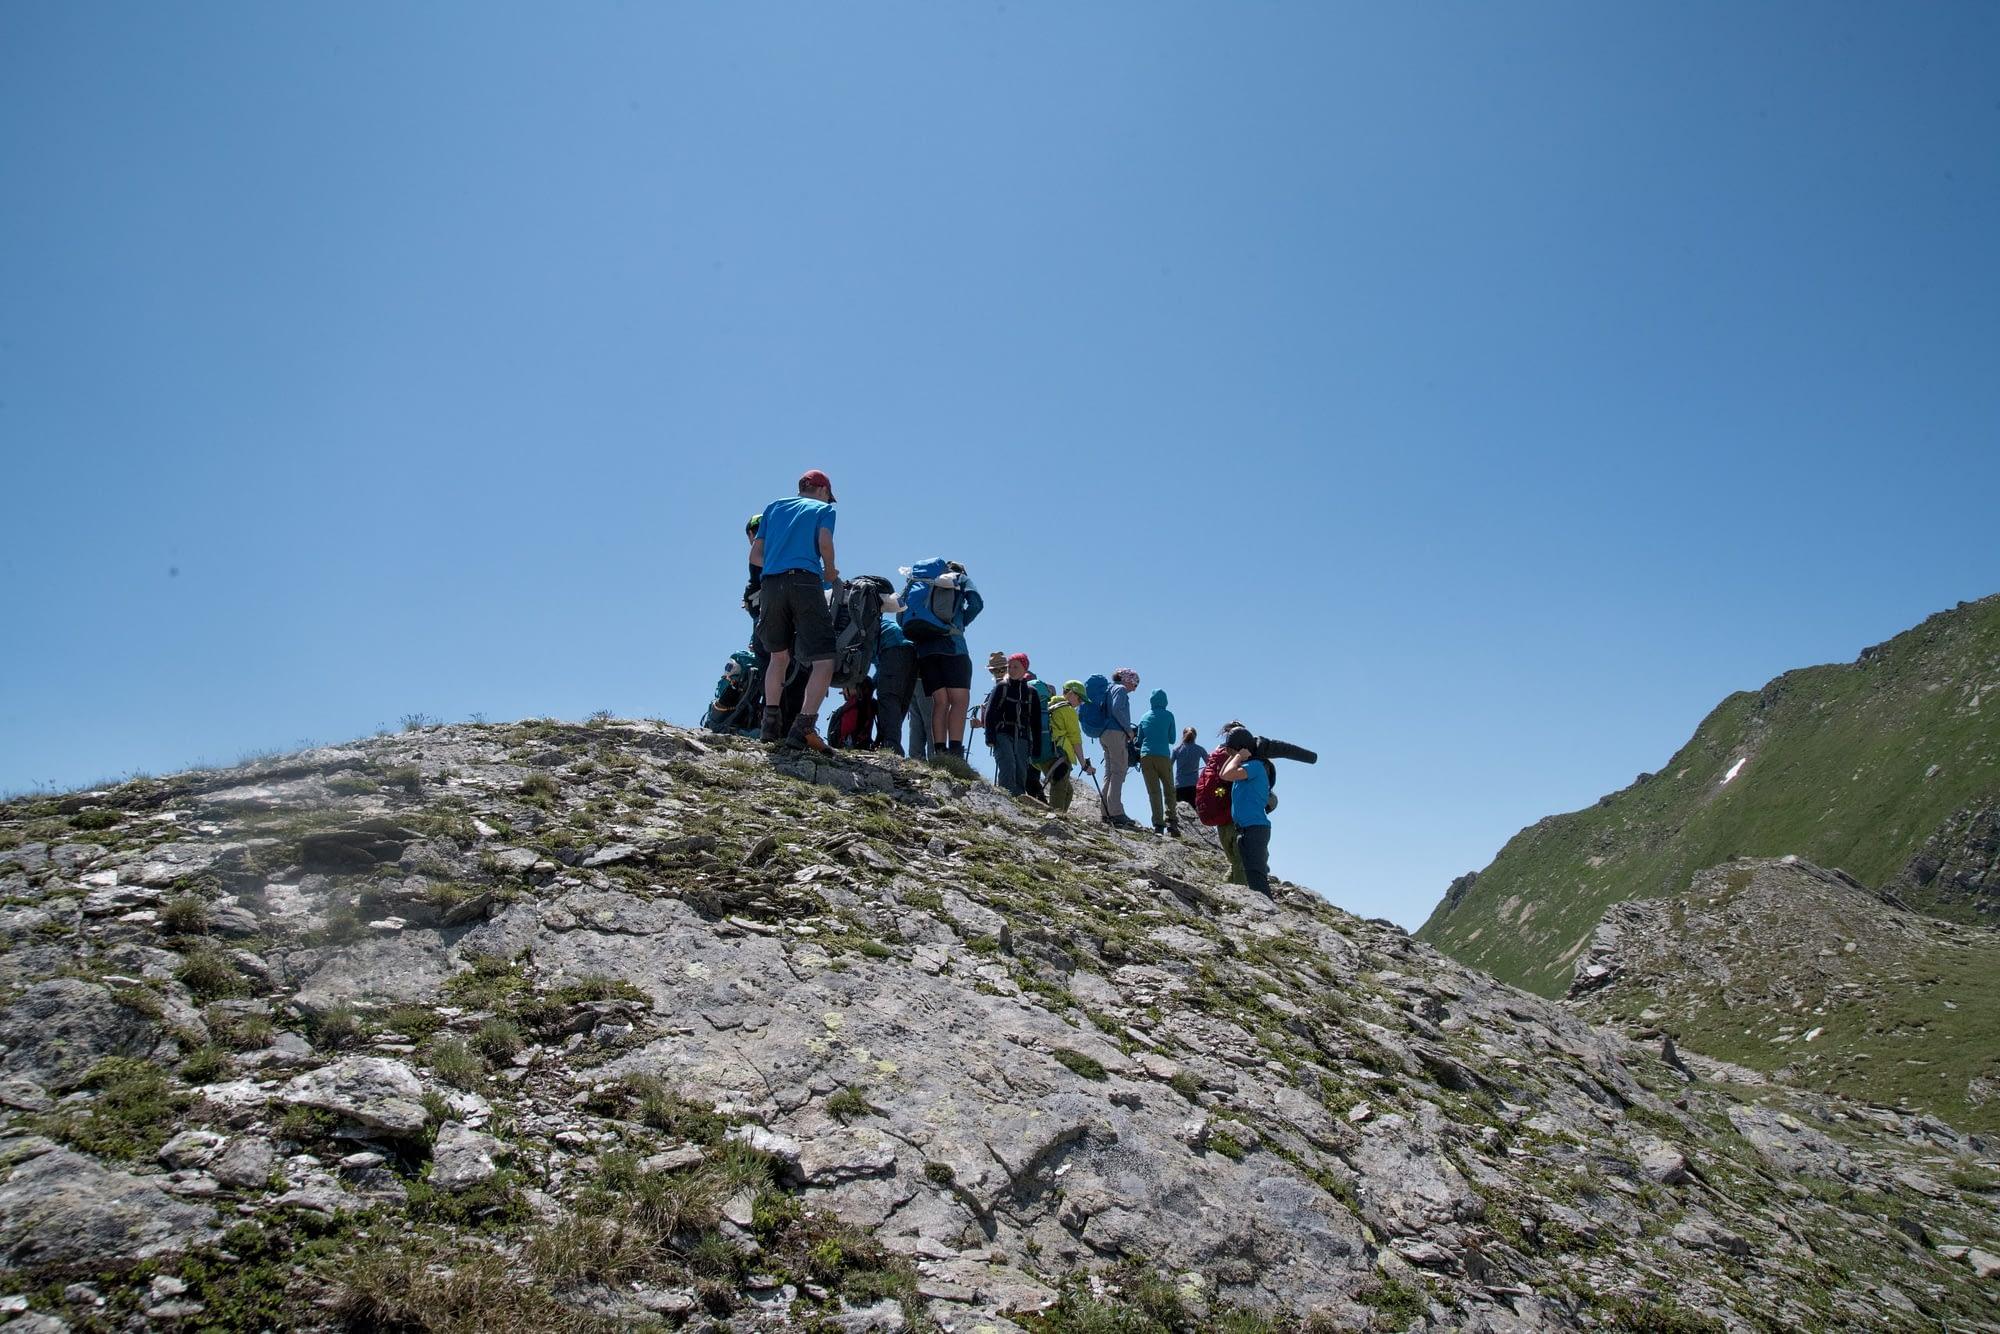 Inseguendo il dragone alpino - Minitrekking